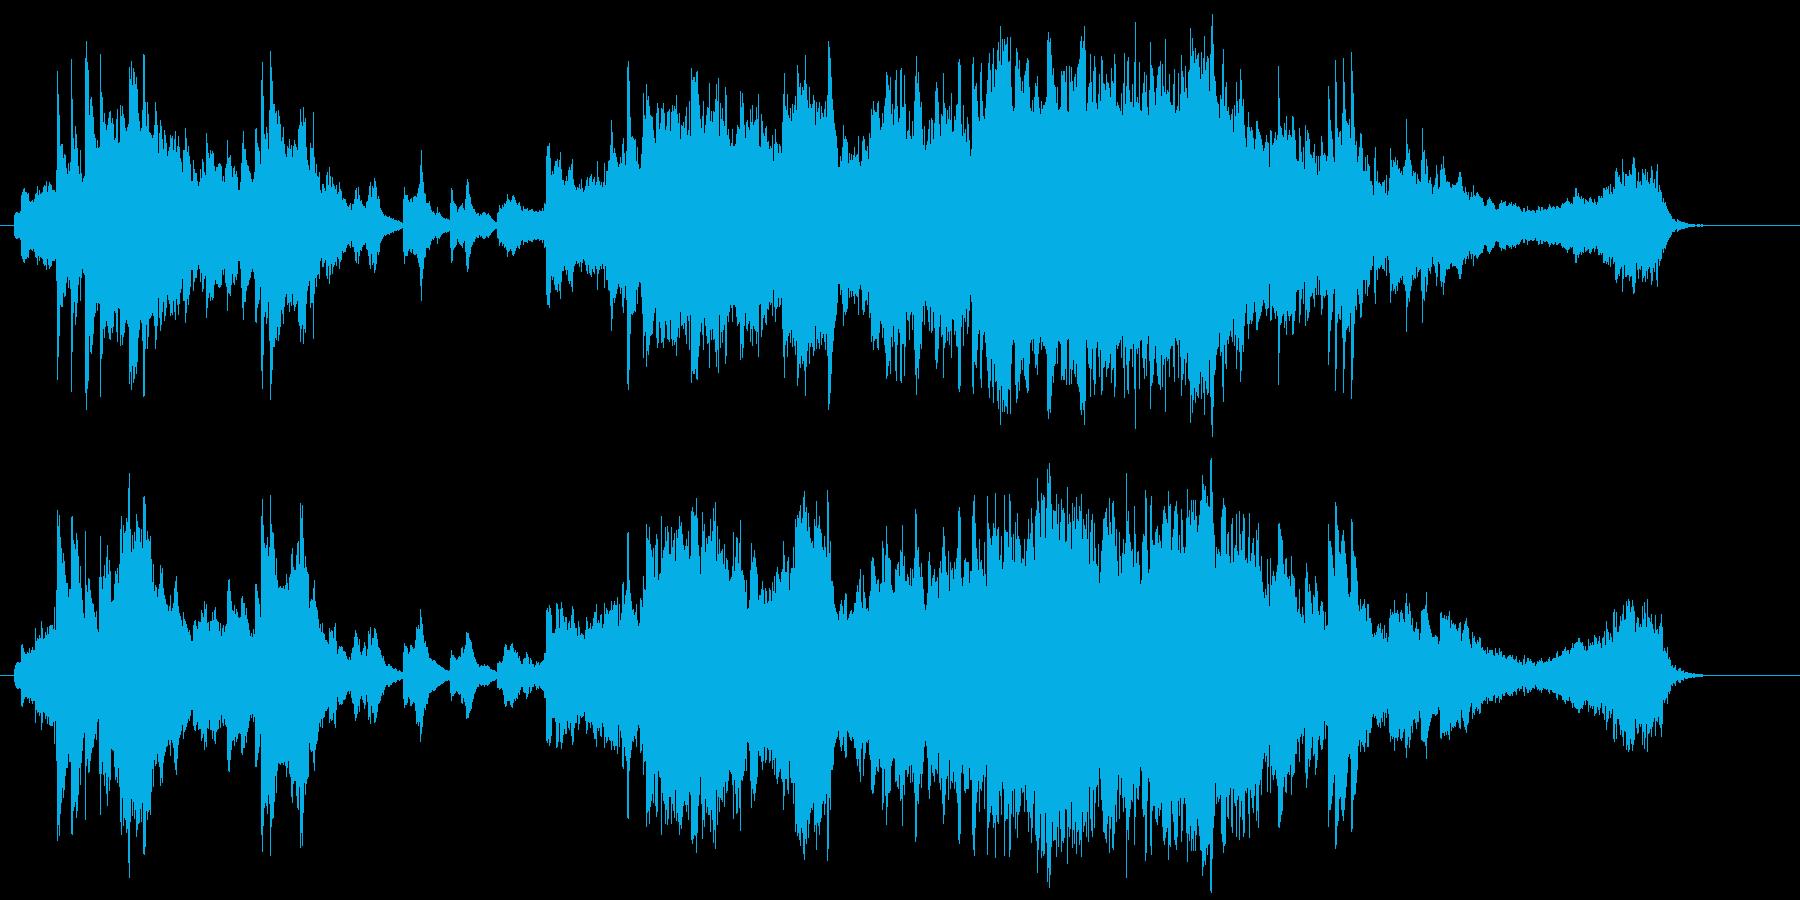 ハープが美しい壮大なバラードEDの再生済みの波形